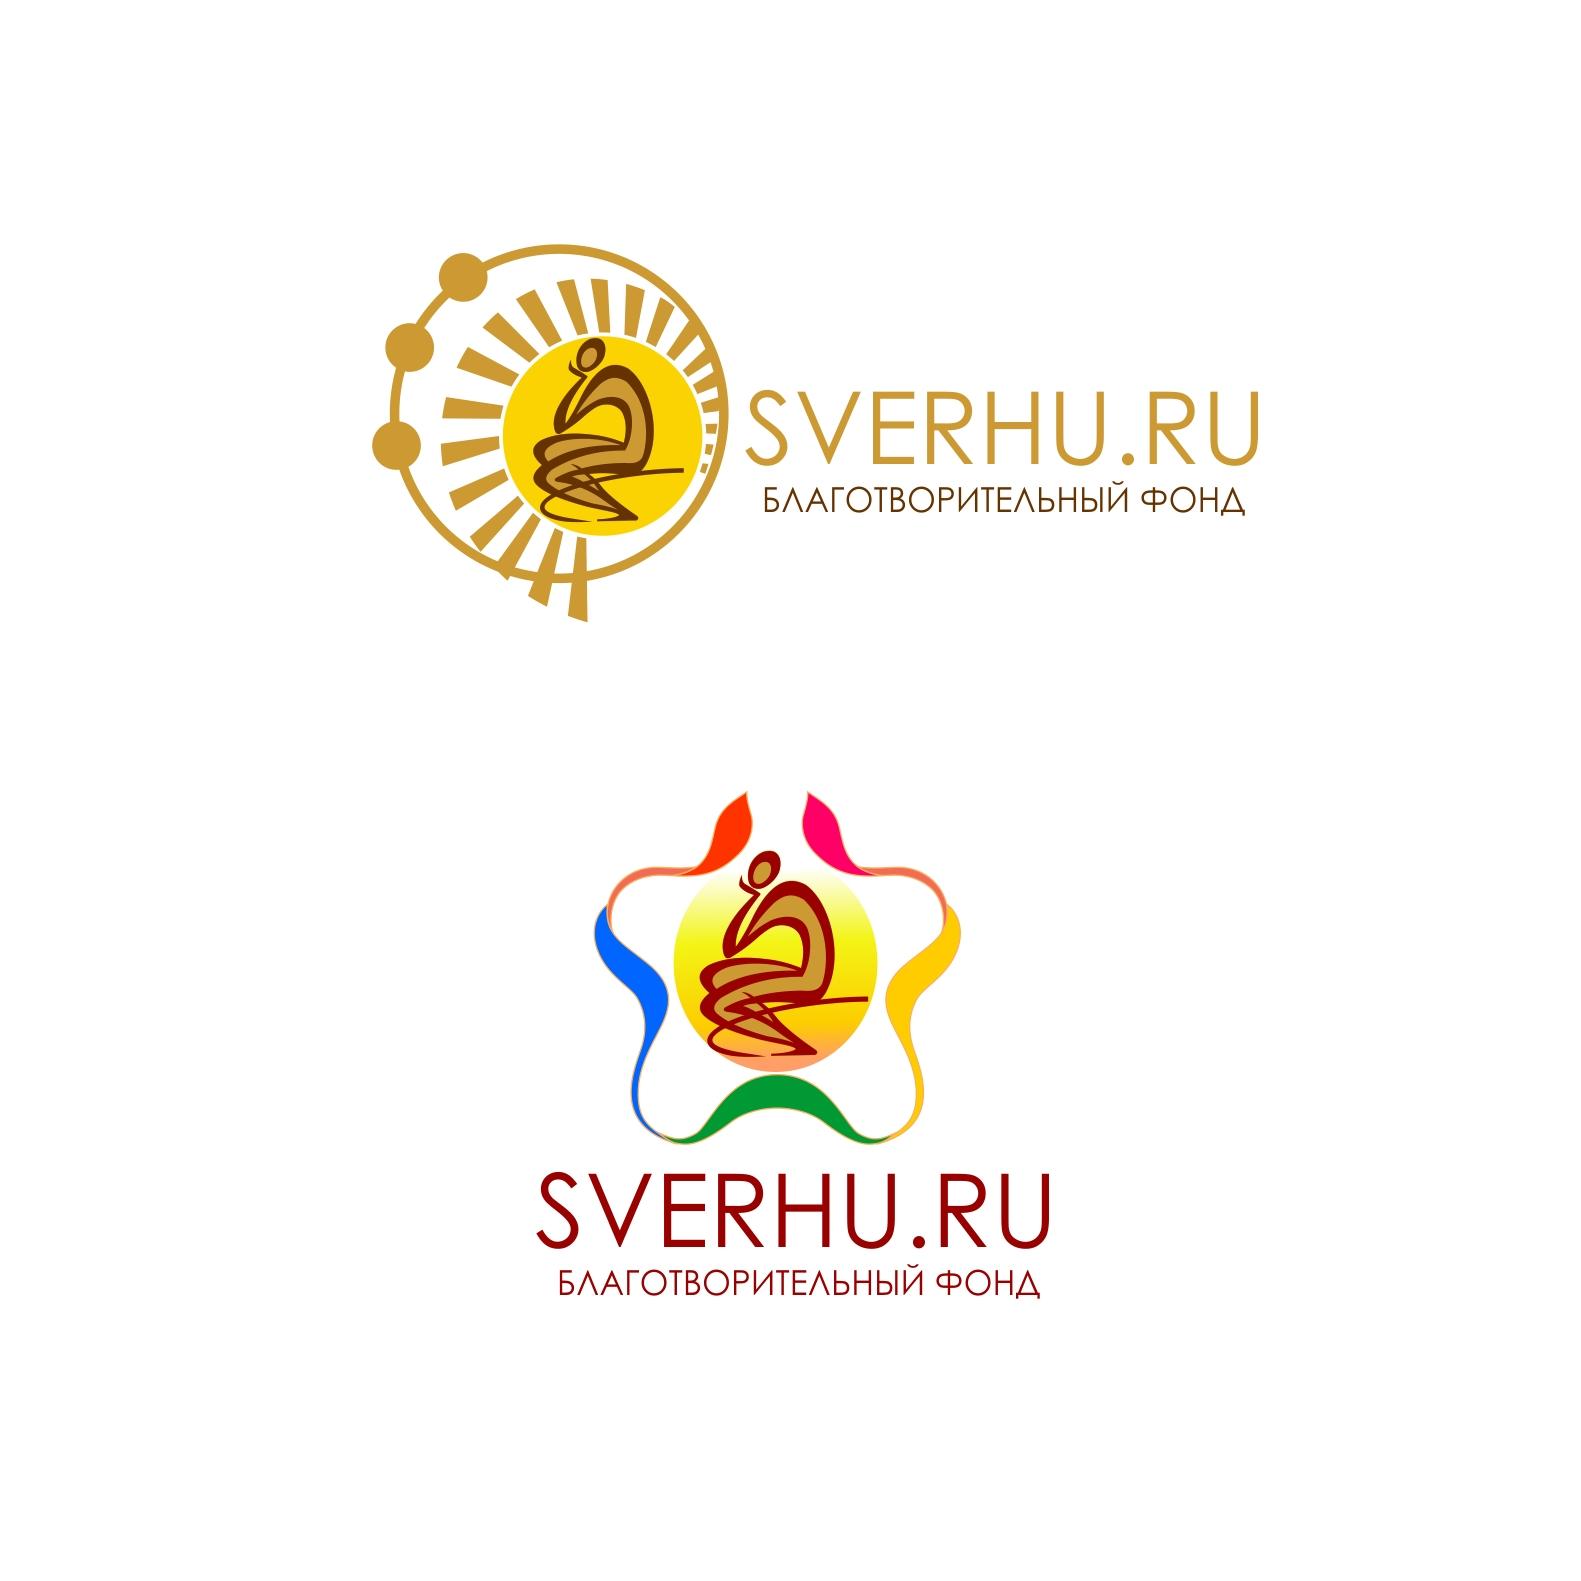 логотип  фото f_28955caf70b0eff8.jpg